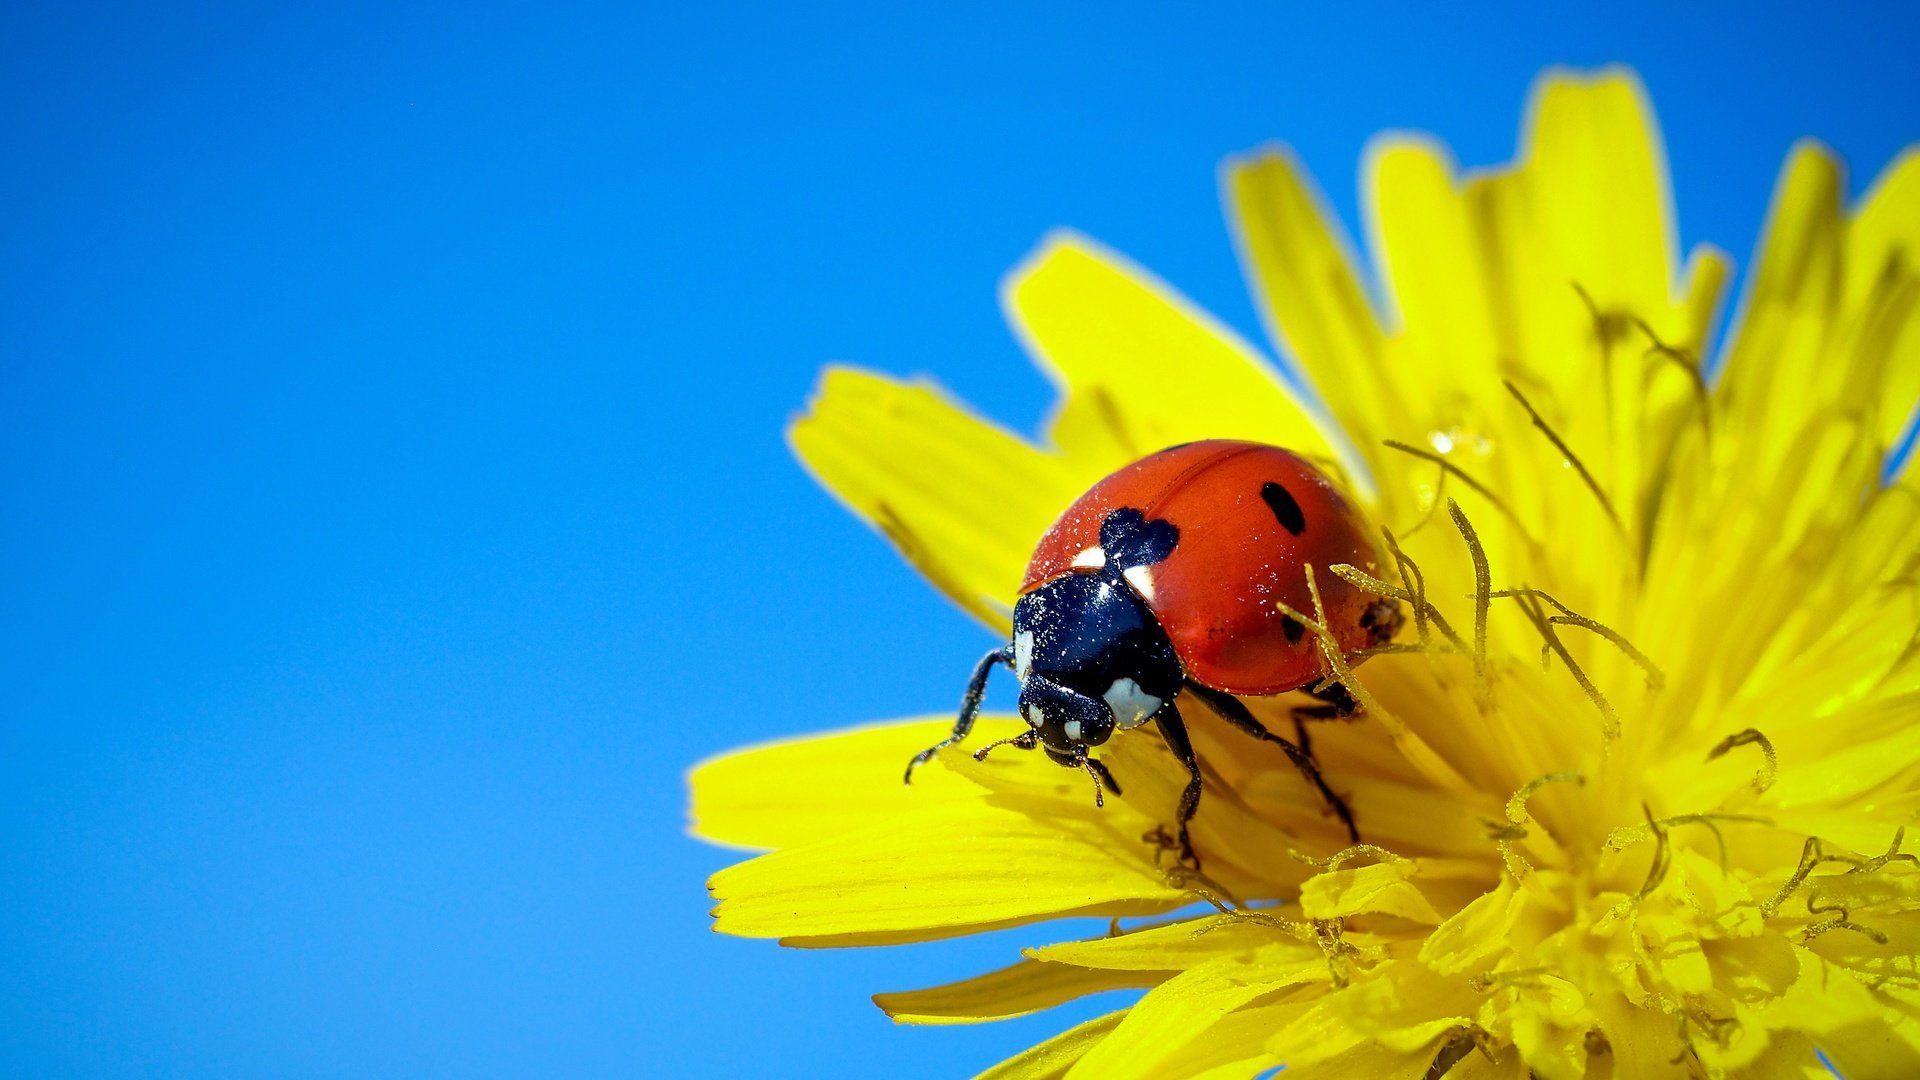 Wallpaper Dandelion With Ladybird 1